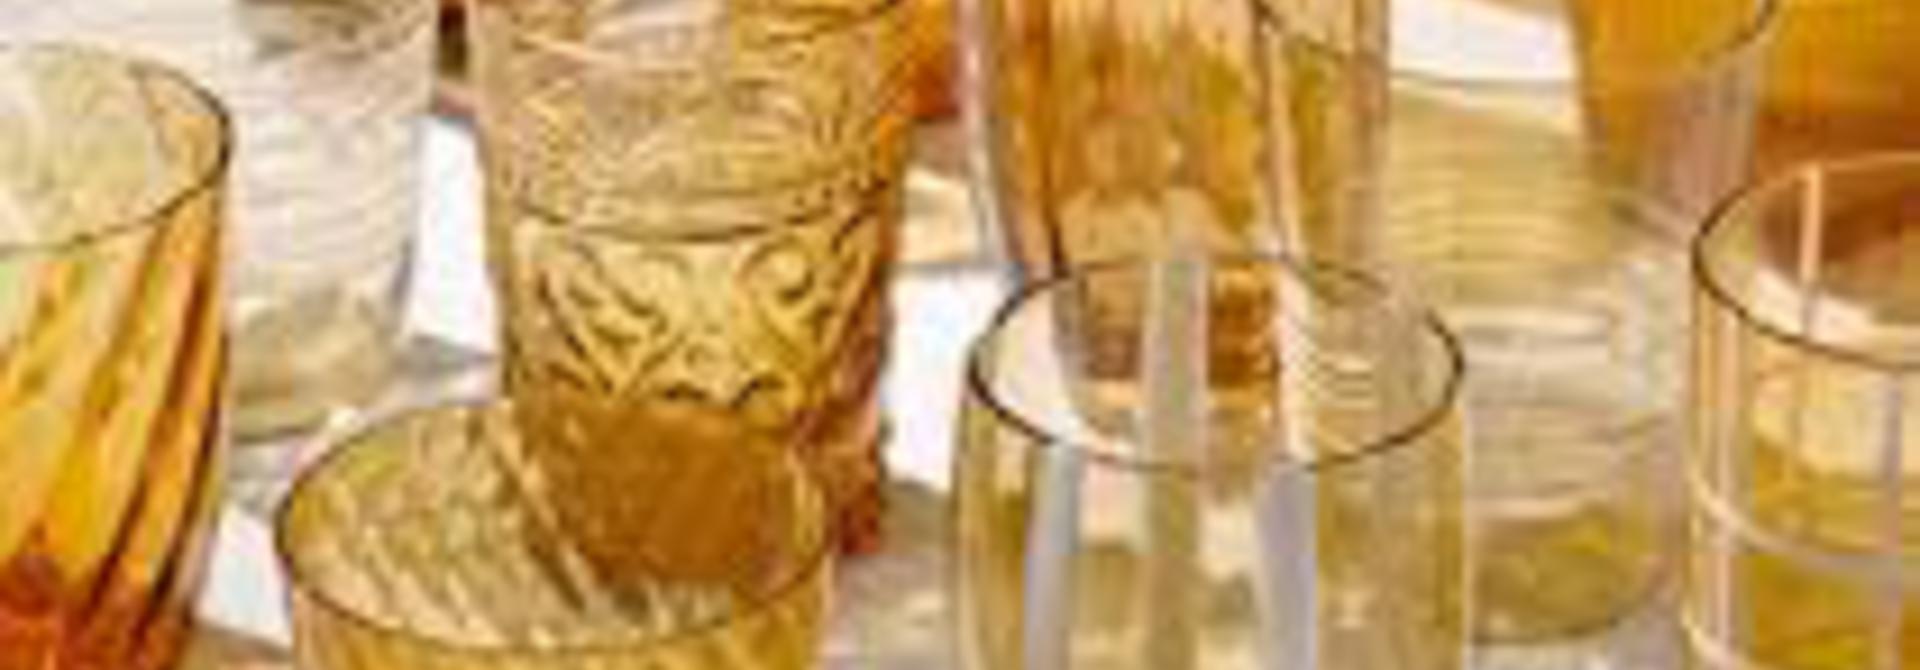 ZAFFERANO - Amber Glasses Set